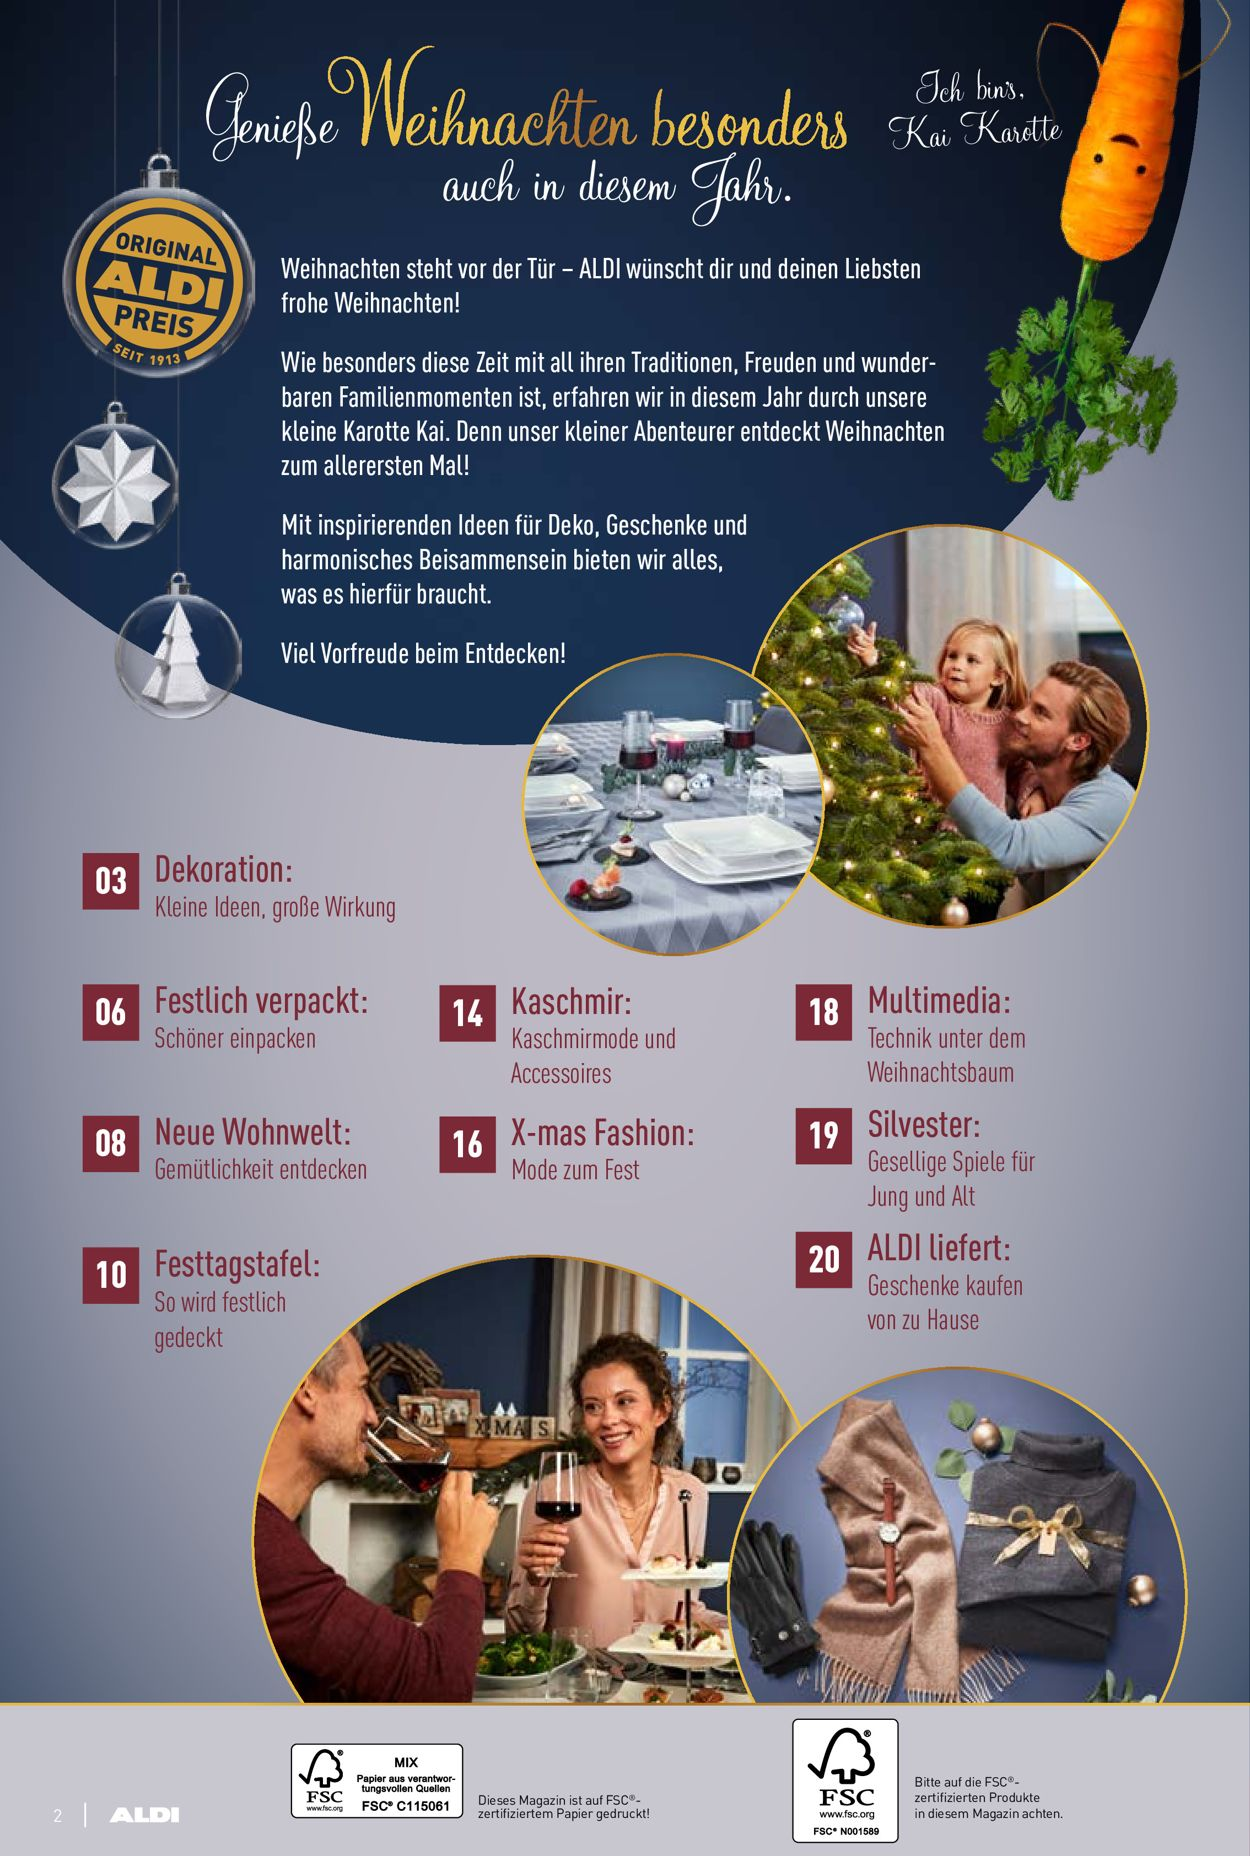 ALDI Nord Weihnachtsprospekt 2020 Prospekt - Aktuell vom 16.11-29.12.2020 (Seite 2)